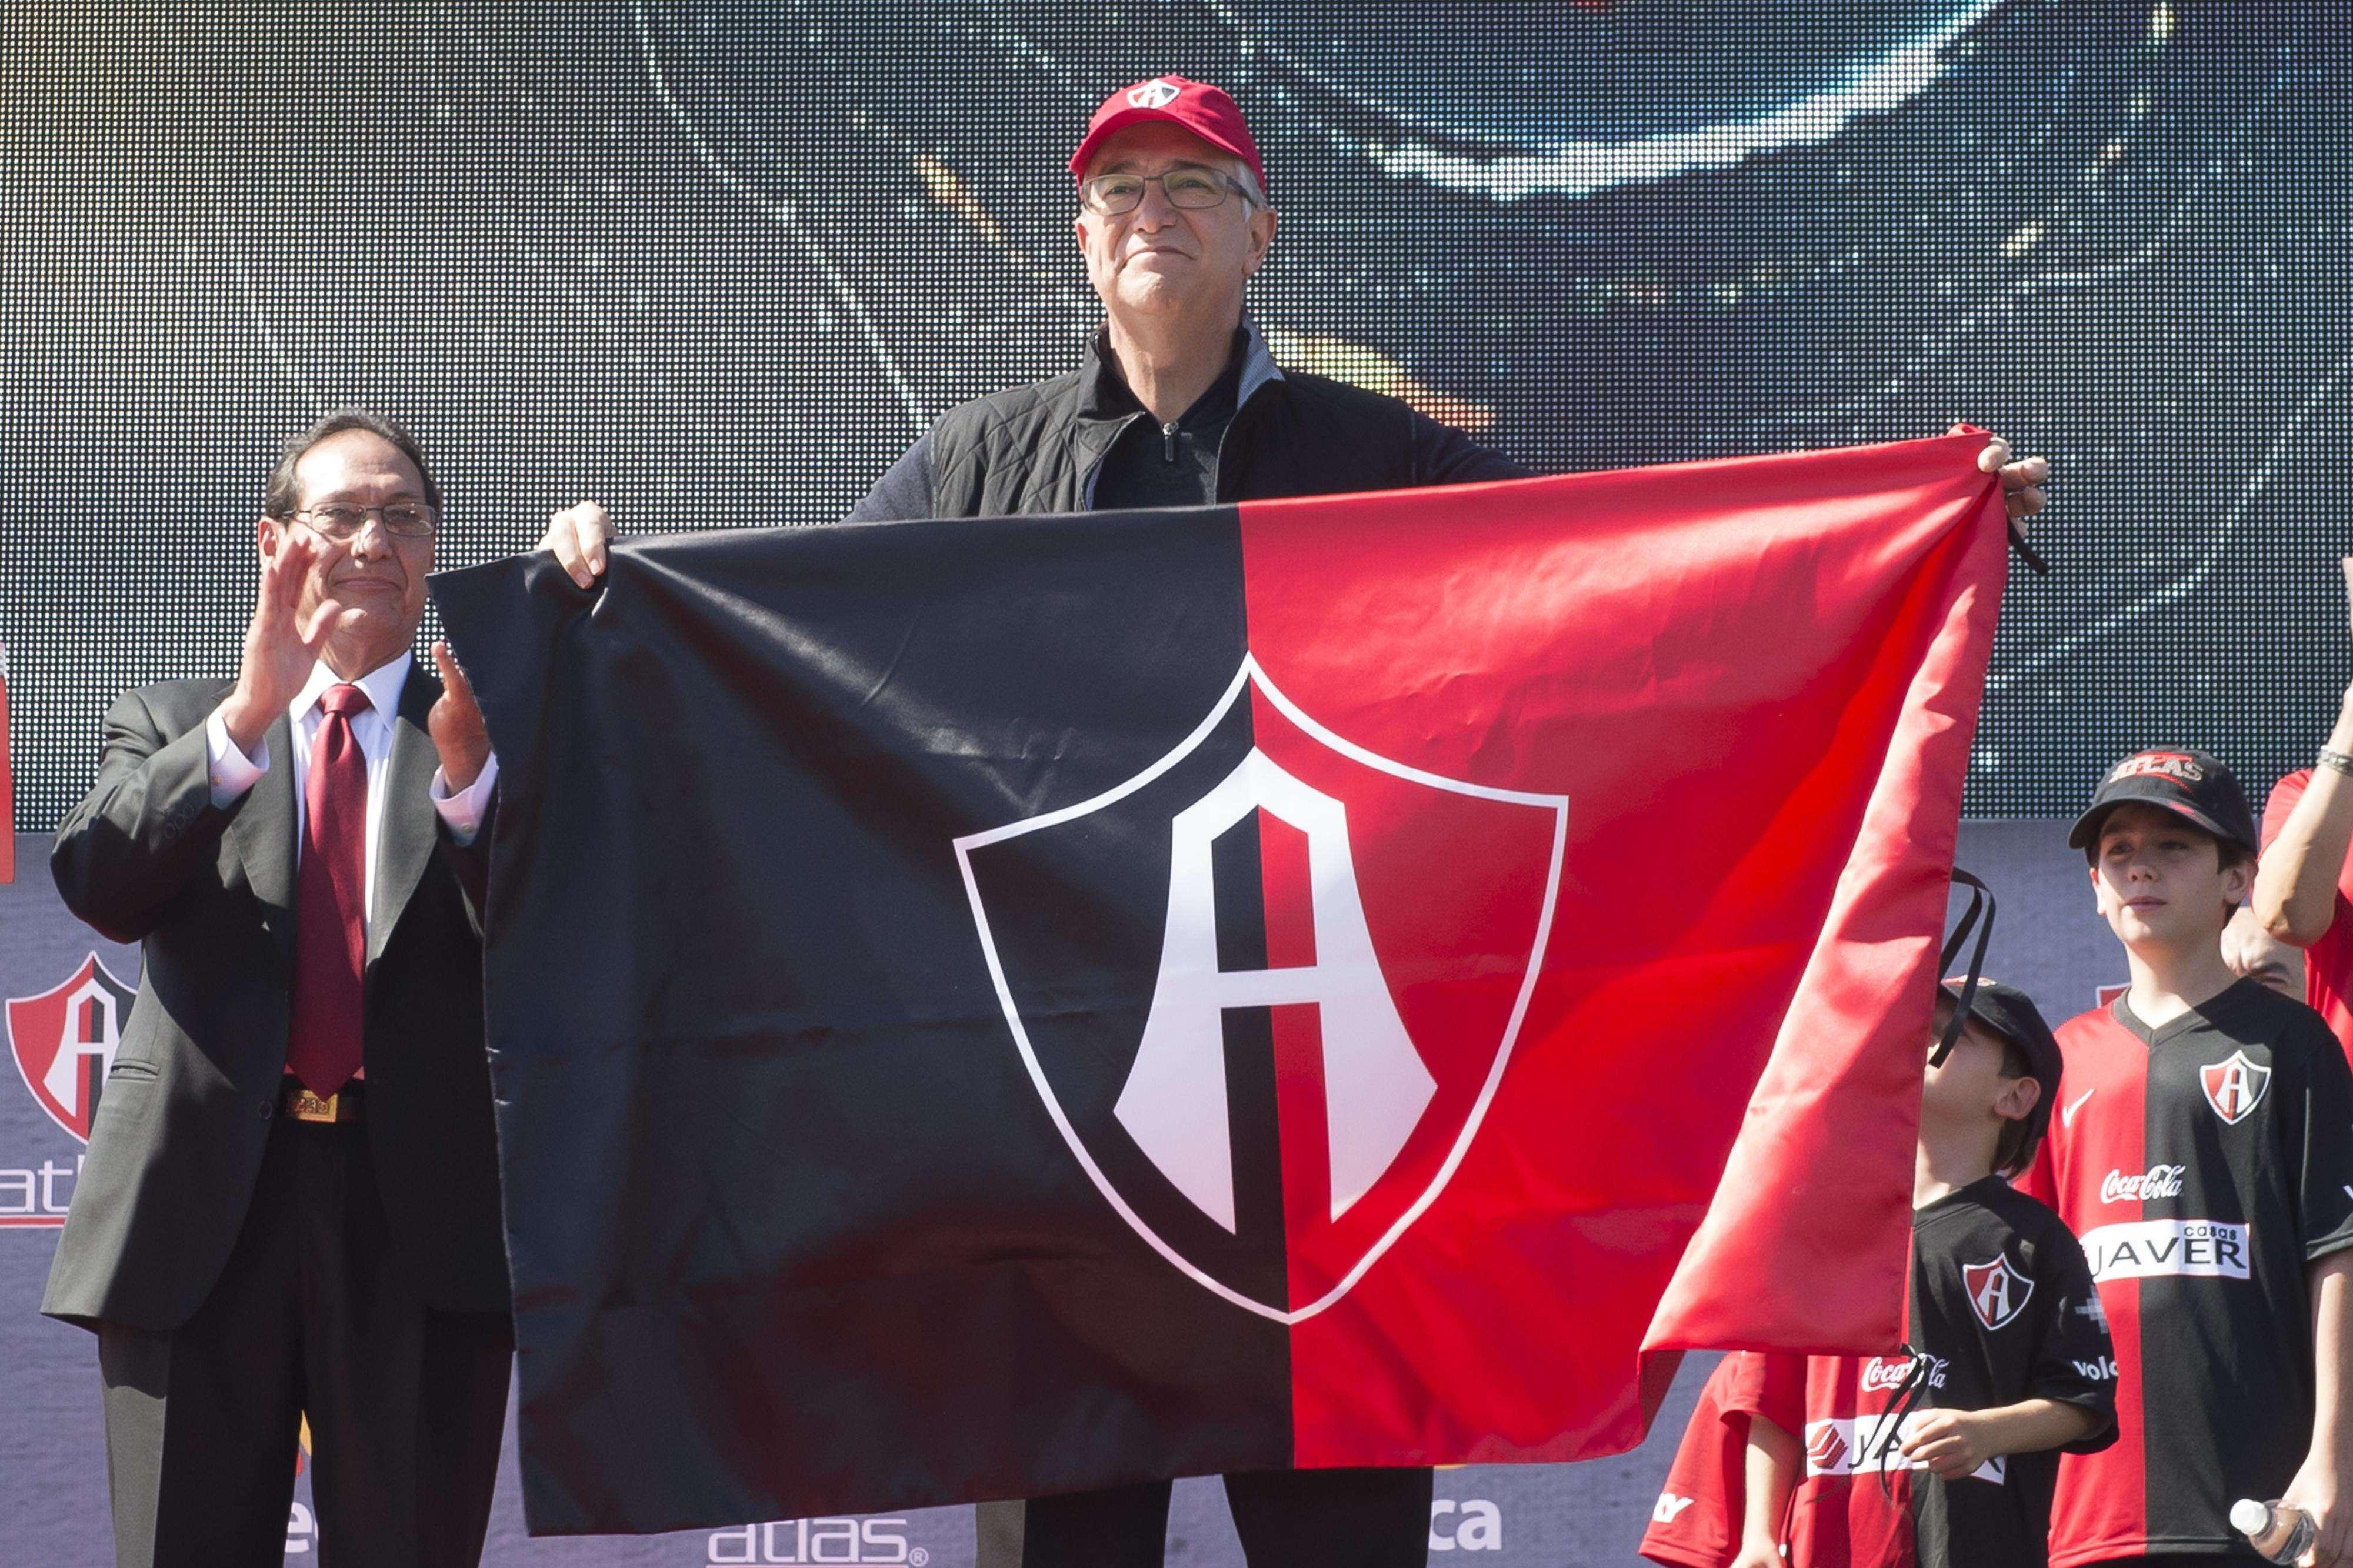 Salinas Pliego presume la bandera de Atlas, su nuevo club. Foto: Mexsport